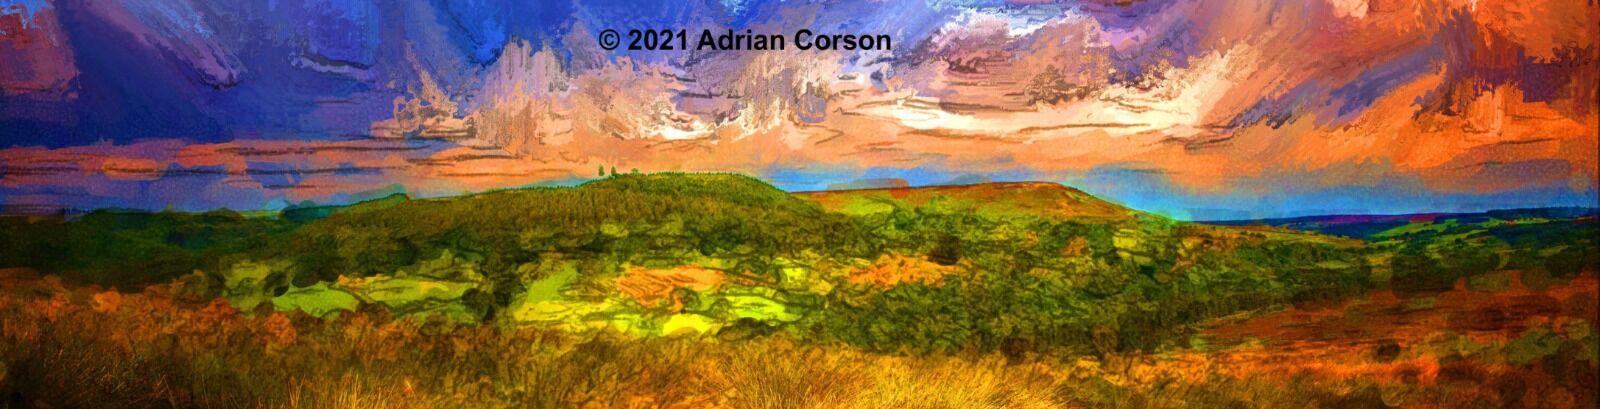 197-wooded hillside